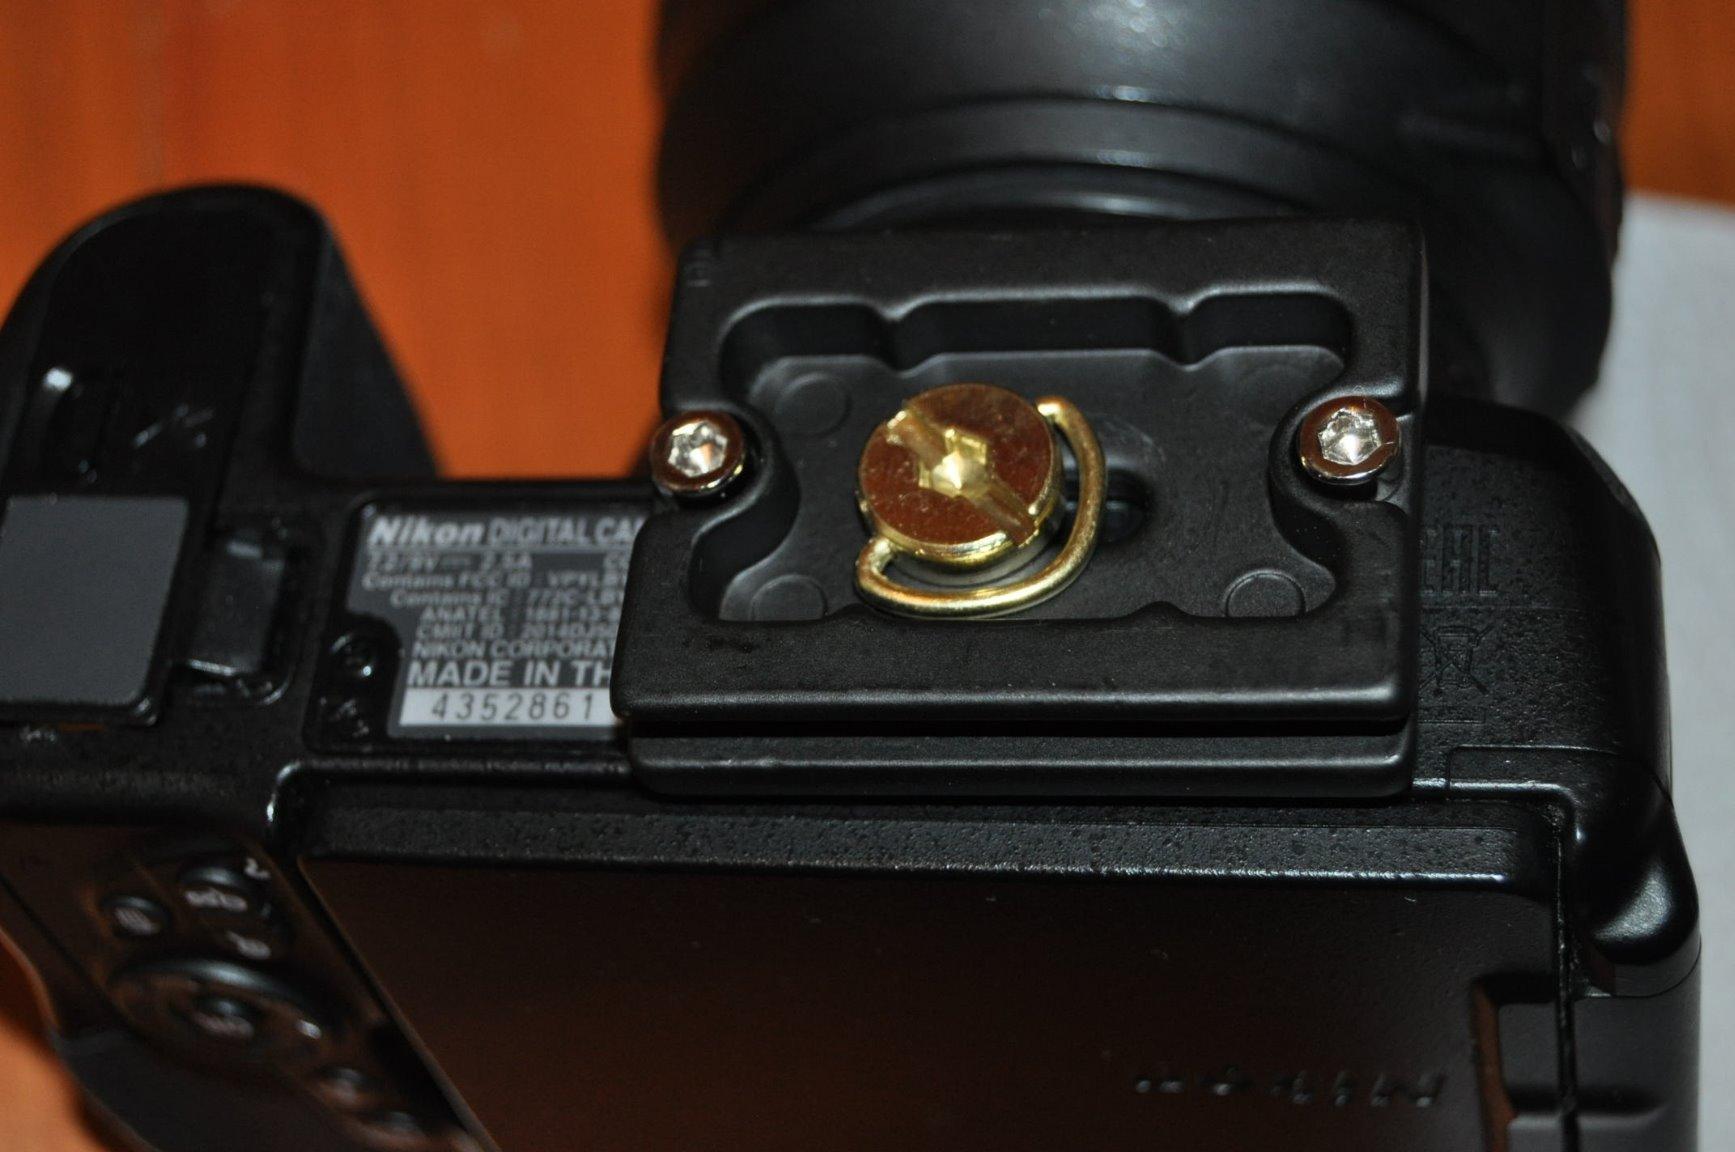 Nejlep Andoer Digitln Fotoapart Videokamera Prodej Nikon D7100 Body Only Paket Sie Hlt Das Stativ Ohne Probleme Und Wirkt Auf Mich Auch Stabil Ich Bin Mit Dem Sehr Zufrieden Finde Den Preis Ebenfalls Angemessen Fair